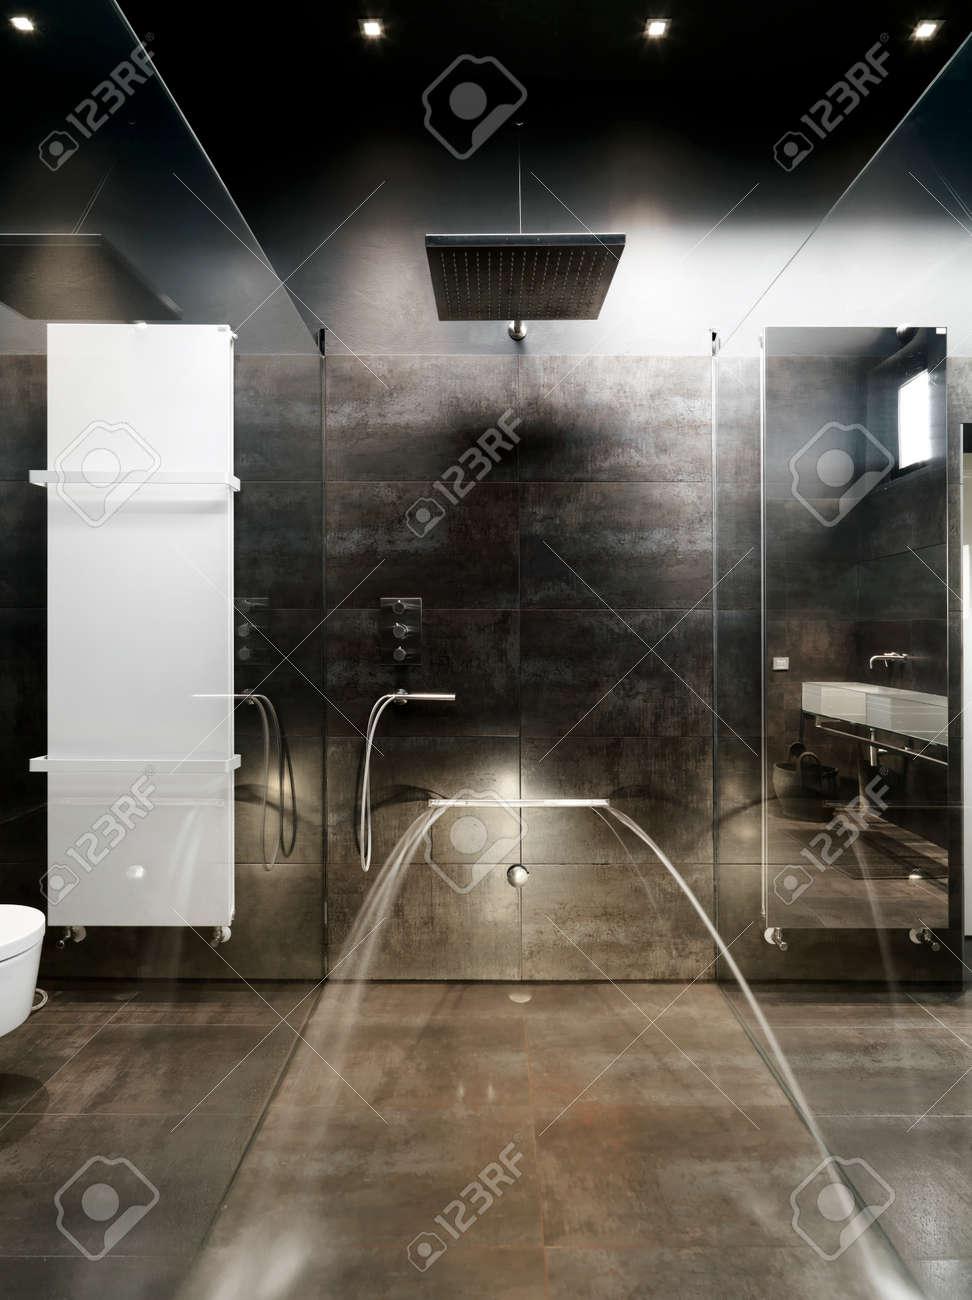 Detalle de albañilería ducha cubículo y bathhtub mampostería para ...